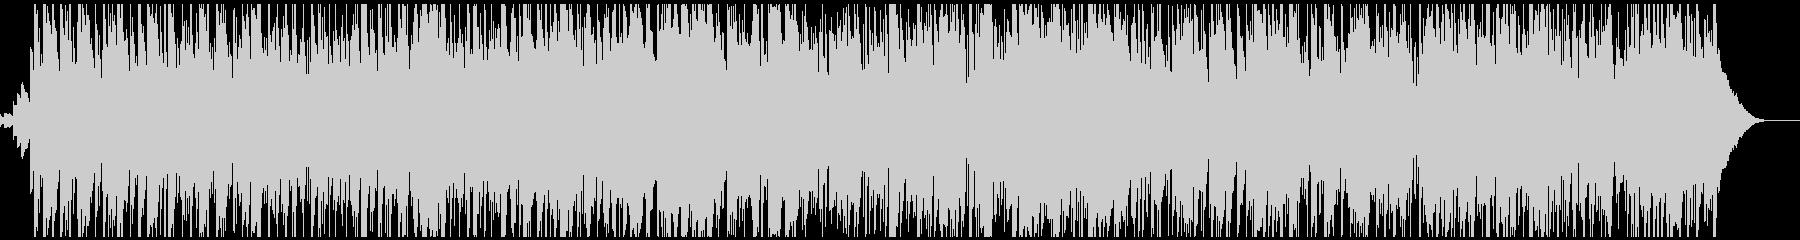 クリスマス定番曲・ジングルベル・ボサノバの未再生の波形